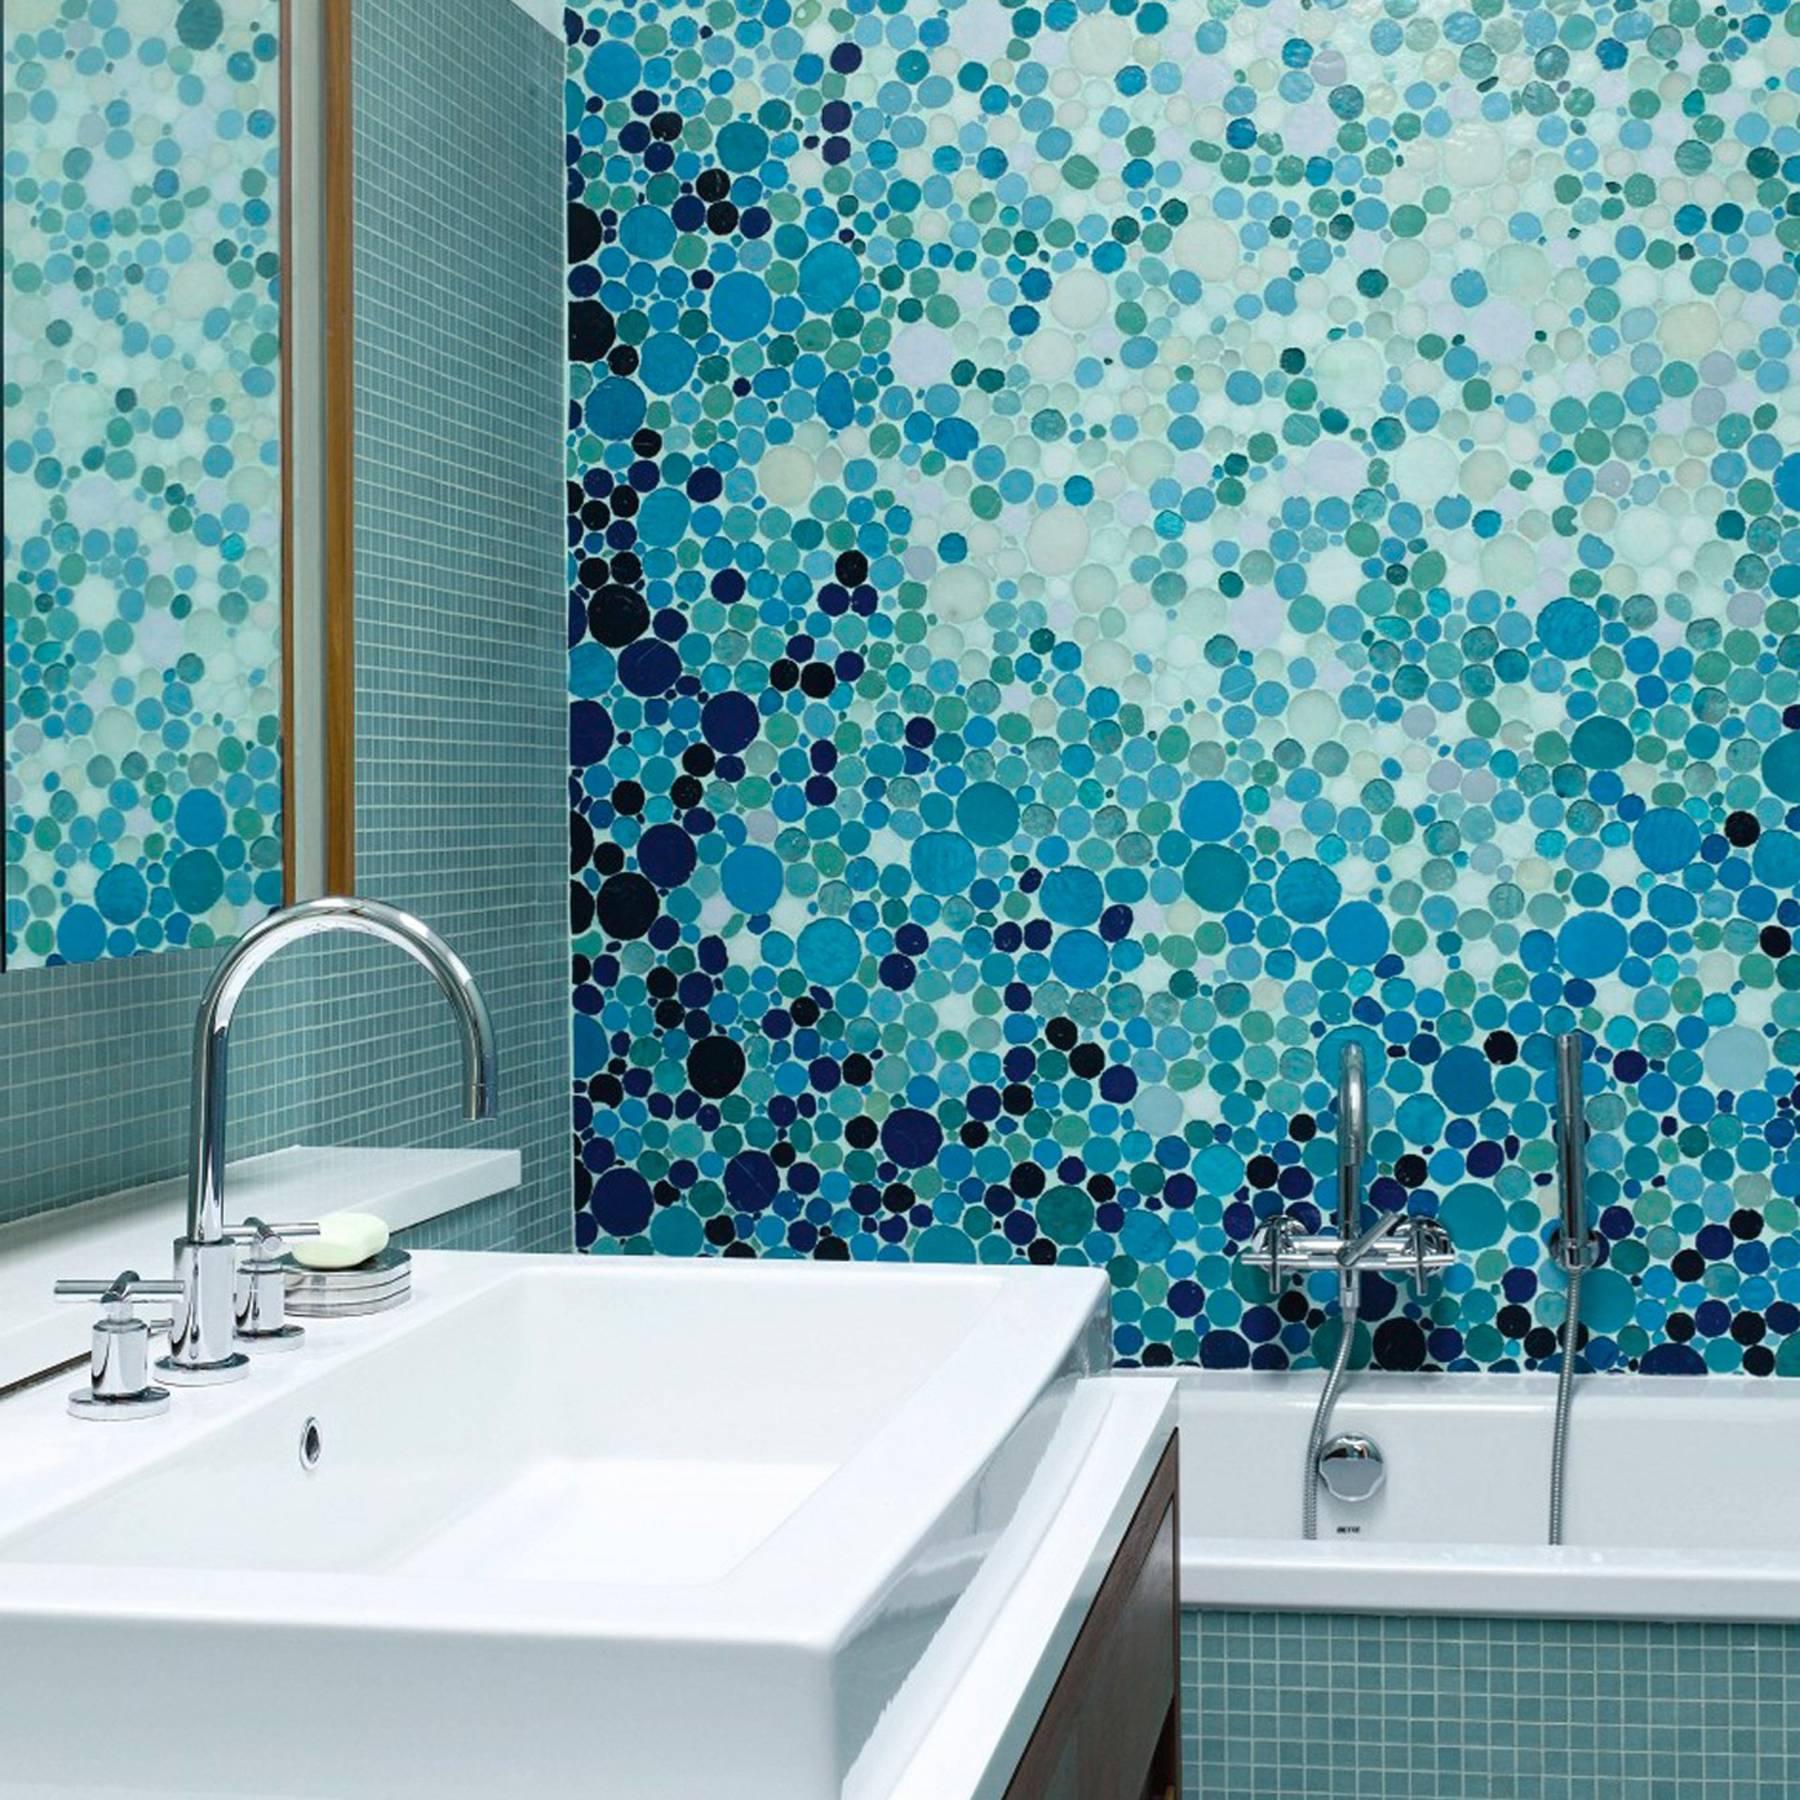 Bathroom tile ideas | House & Garden